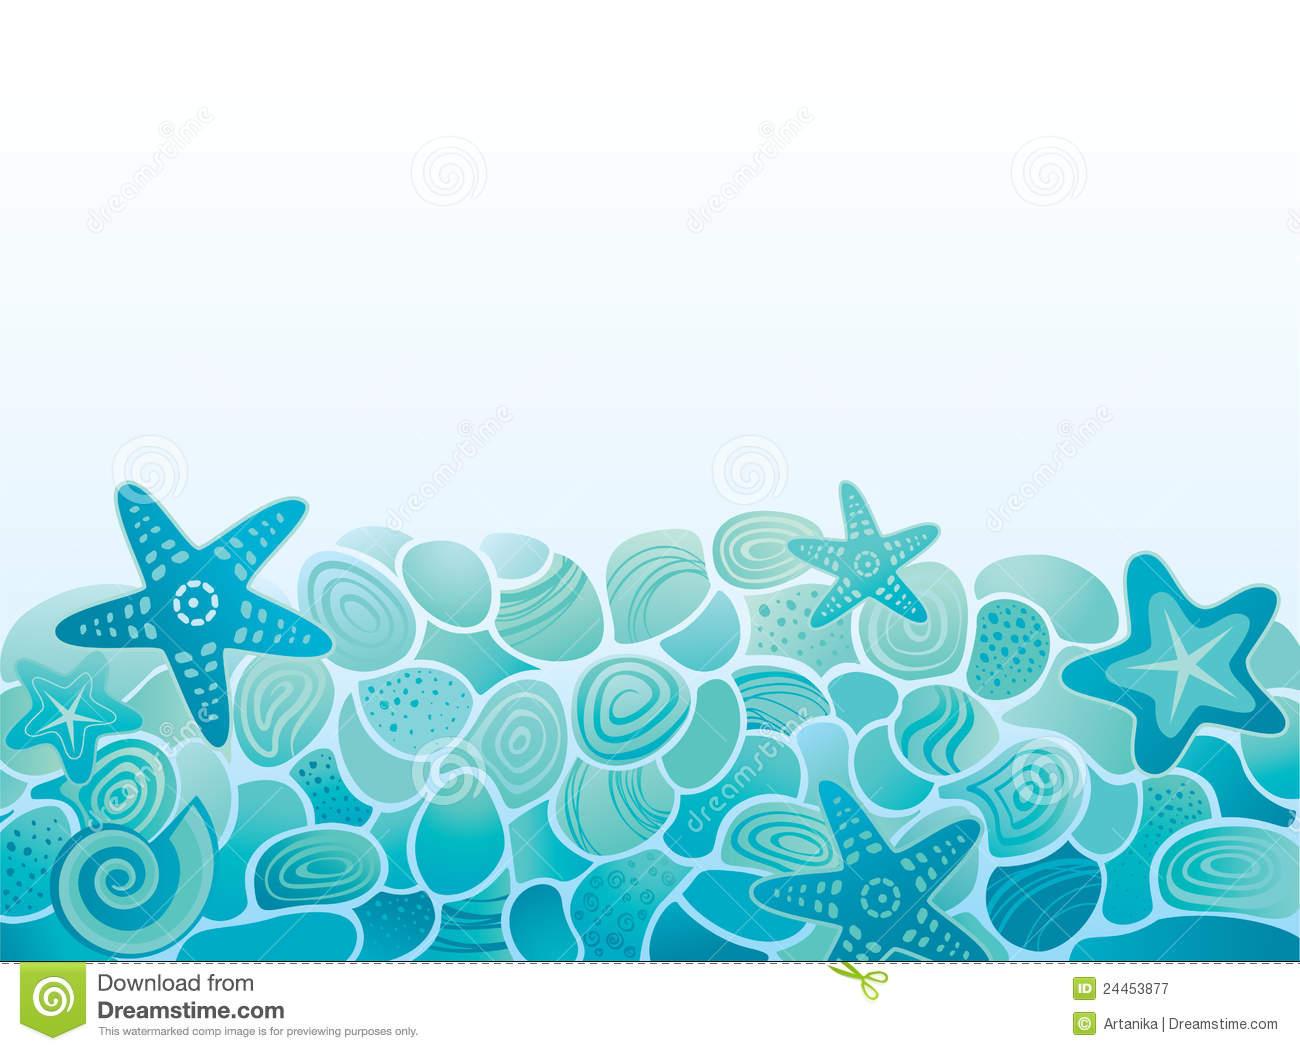 Sea background clipart free image freeuse Sea background clipart 6 » Clipart Station image freeuse